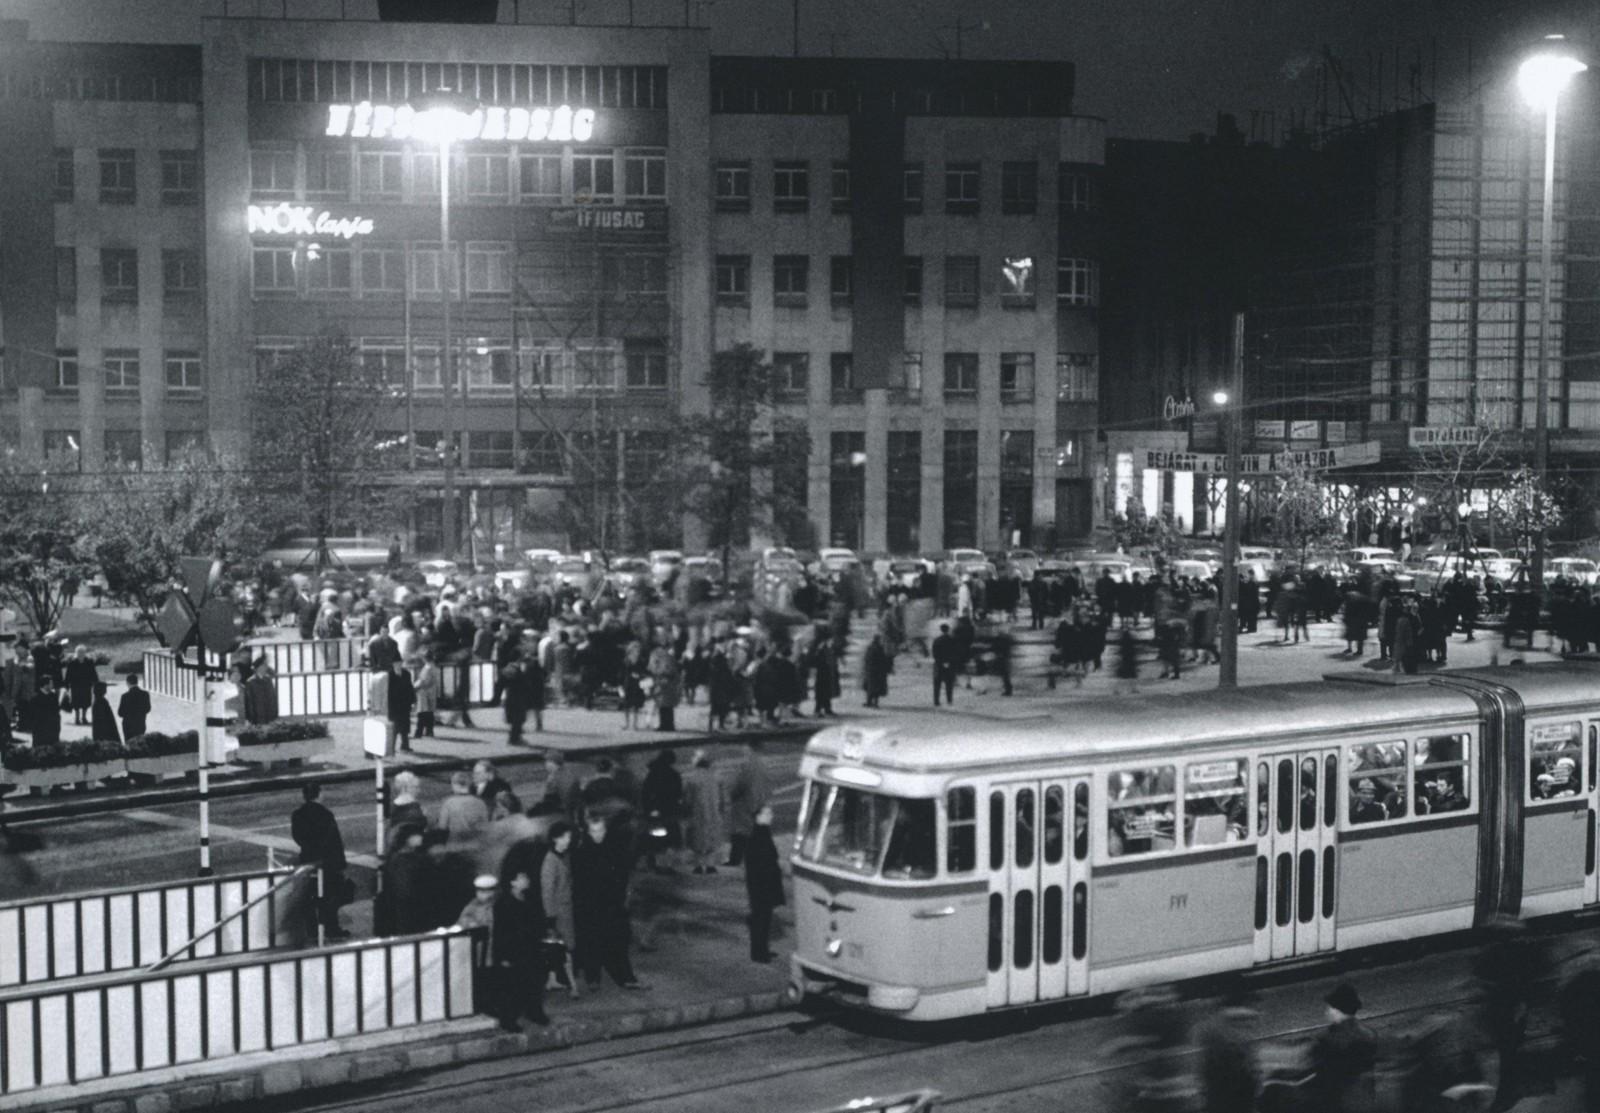 budapest-viii-kerulet-sajtopalota-szabad-nep-szekhaz-_8.jpg